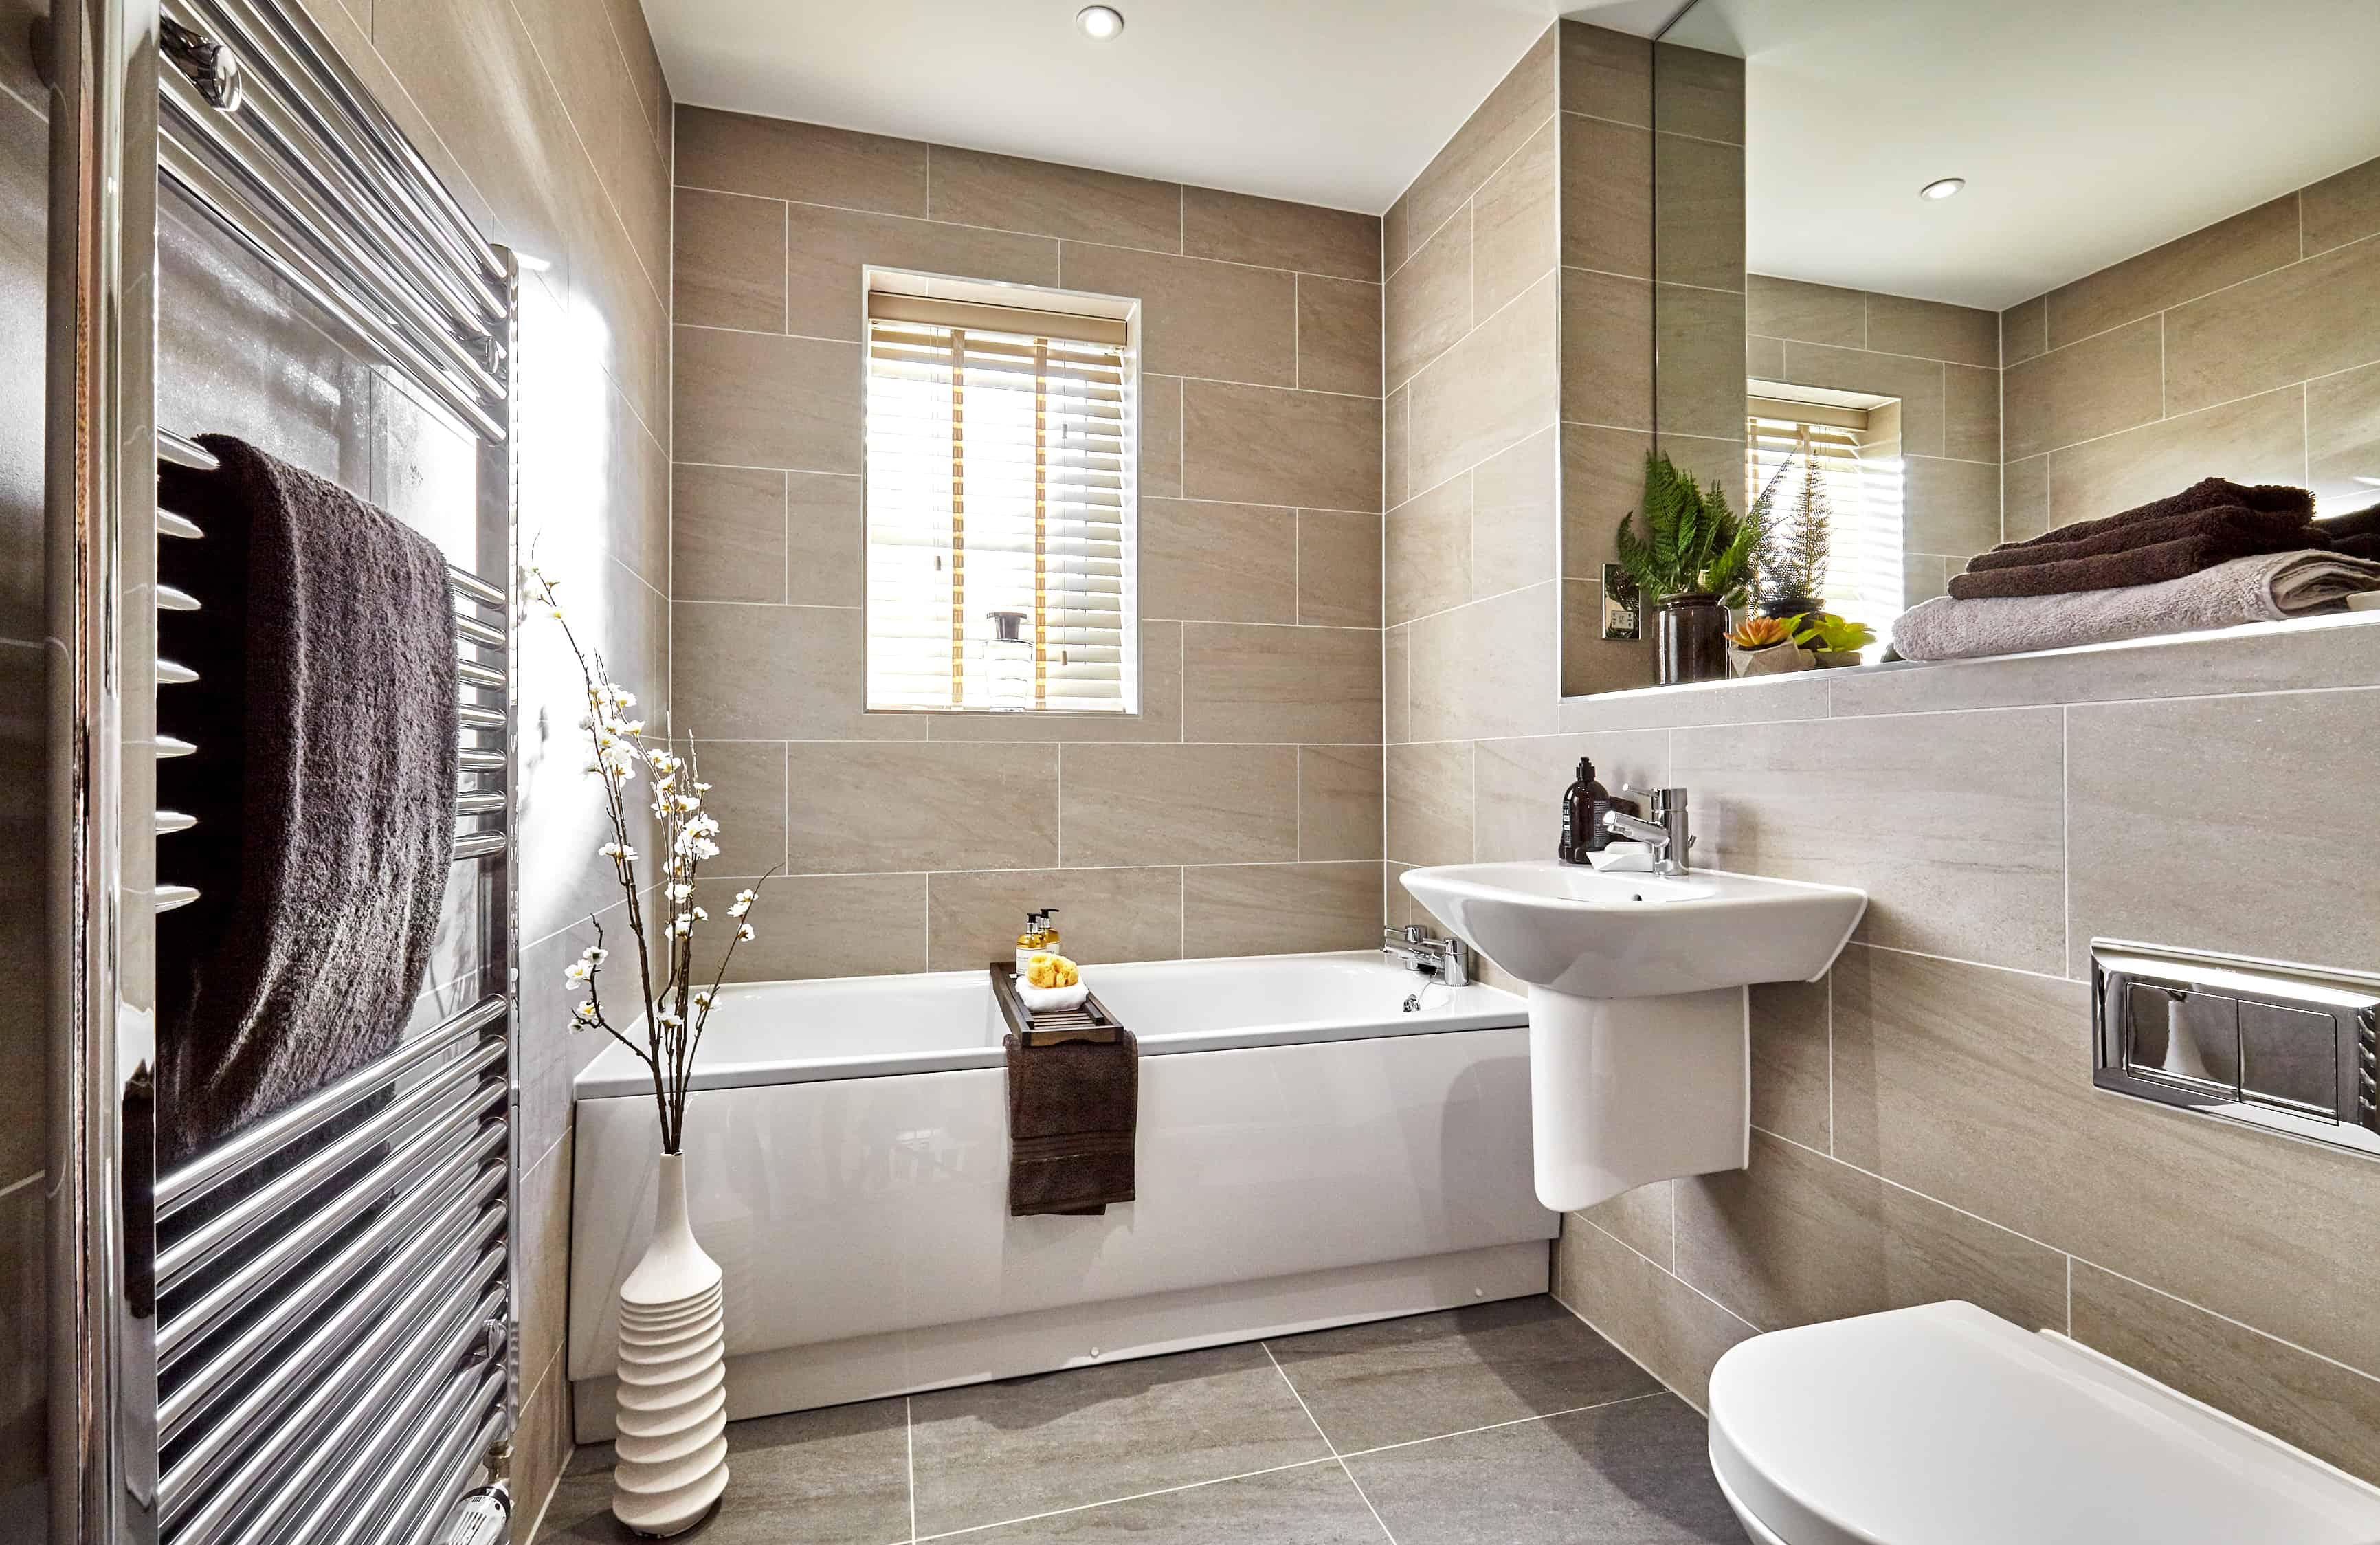 厕所 家居 设计 卫生间 卫生间装修 装修 3463_2248